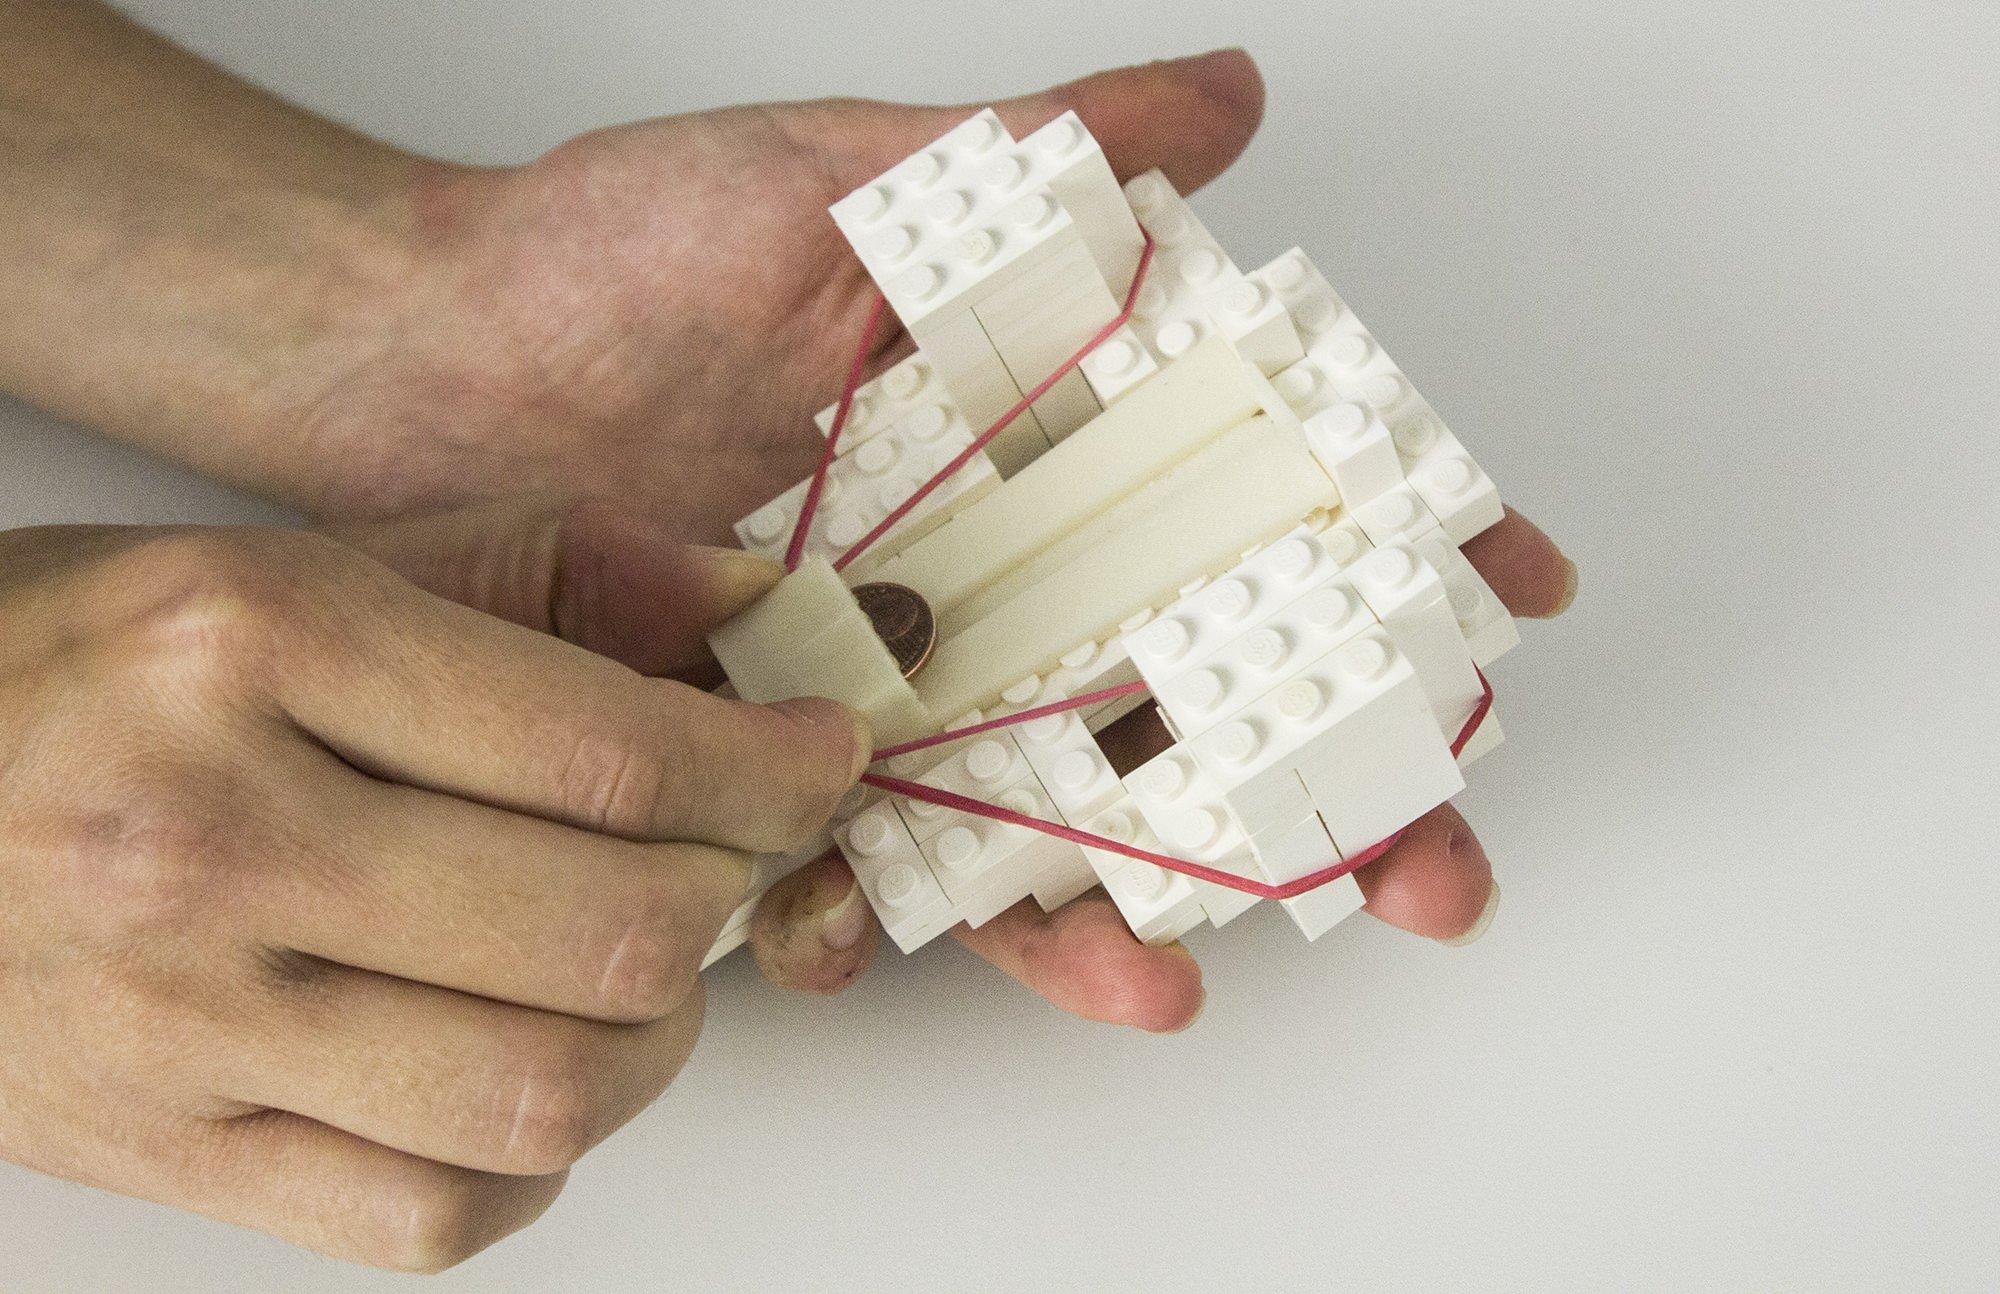 Bei dem Verfahren faBrickation werden nur noch die wichtigsten Details mit dem 3D-Drucker angefertigt. Der Rest wird aus Legosteinen zusammengesetzt.